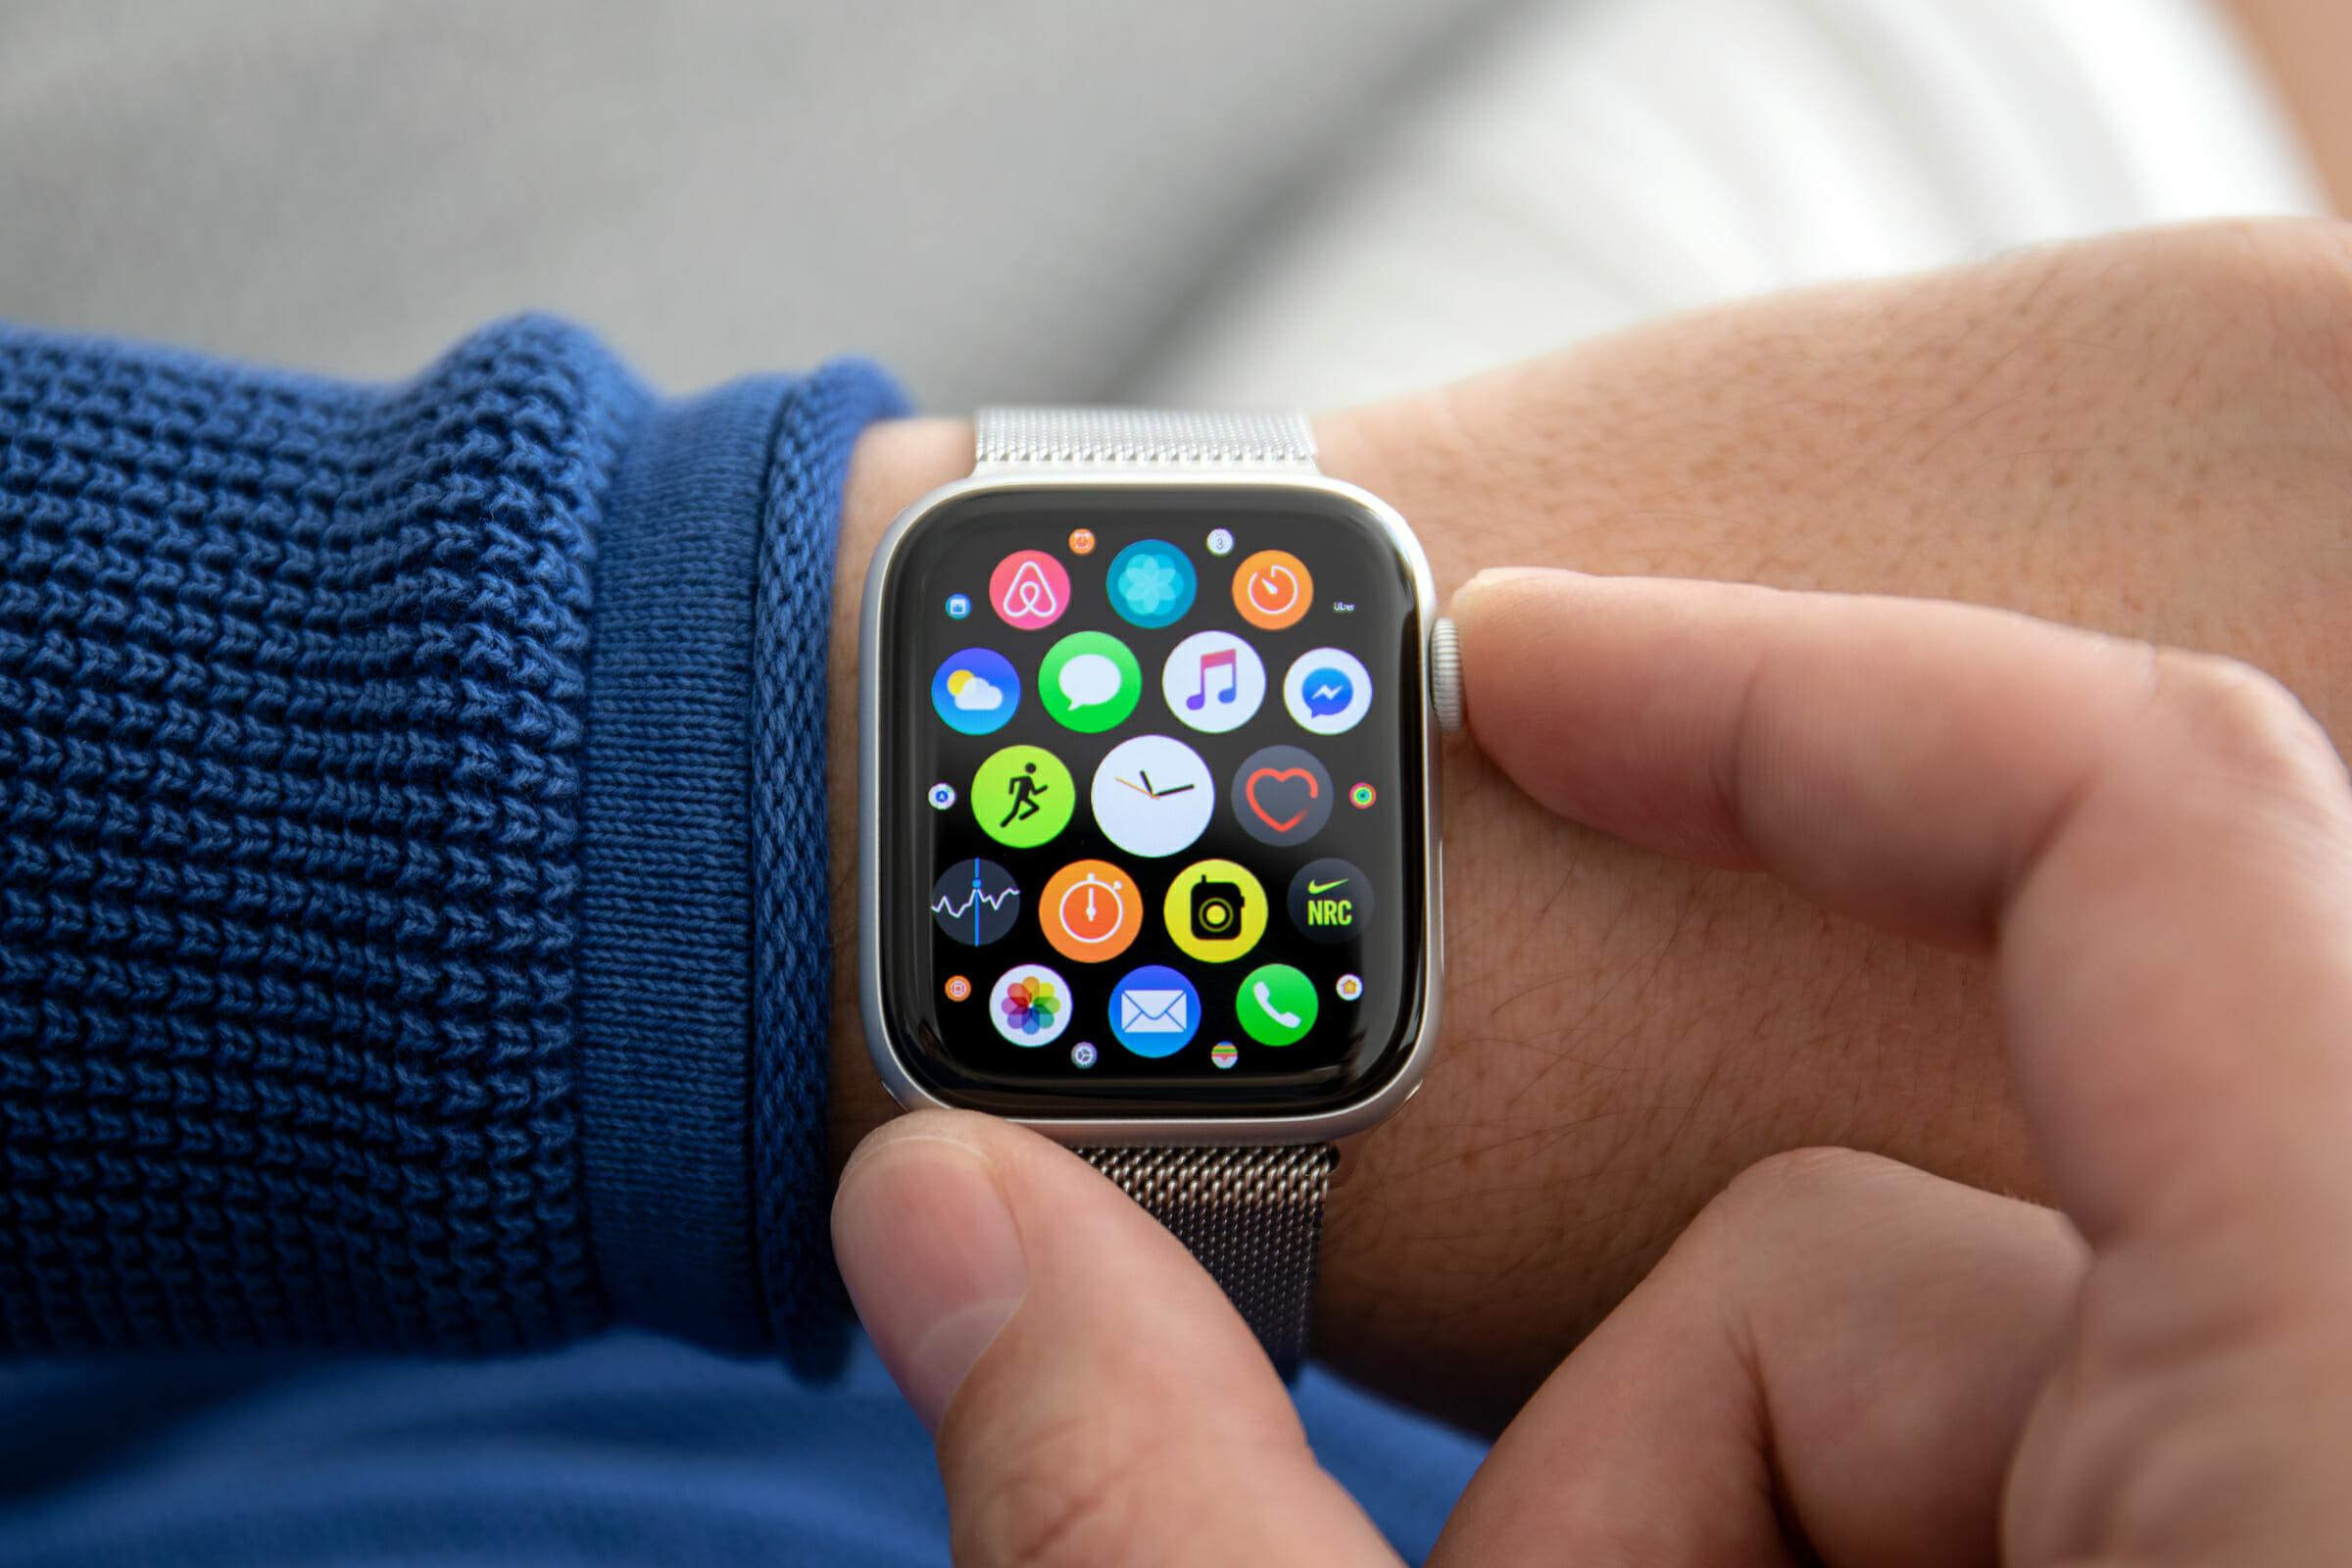 Desigualdad lado Paquete o empaquetar  Apple Watch Series 3 vs. Series 4 - Should You Upgrade?